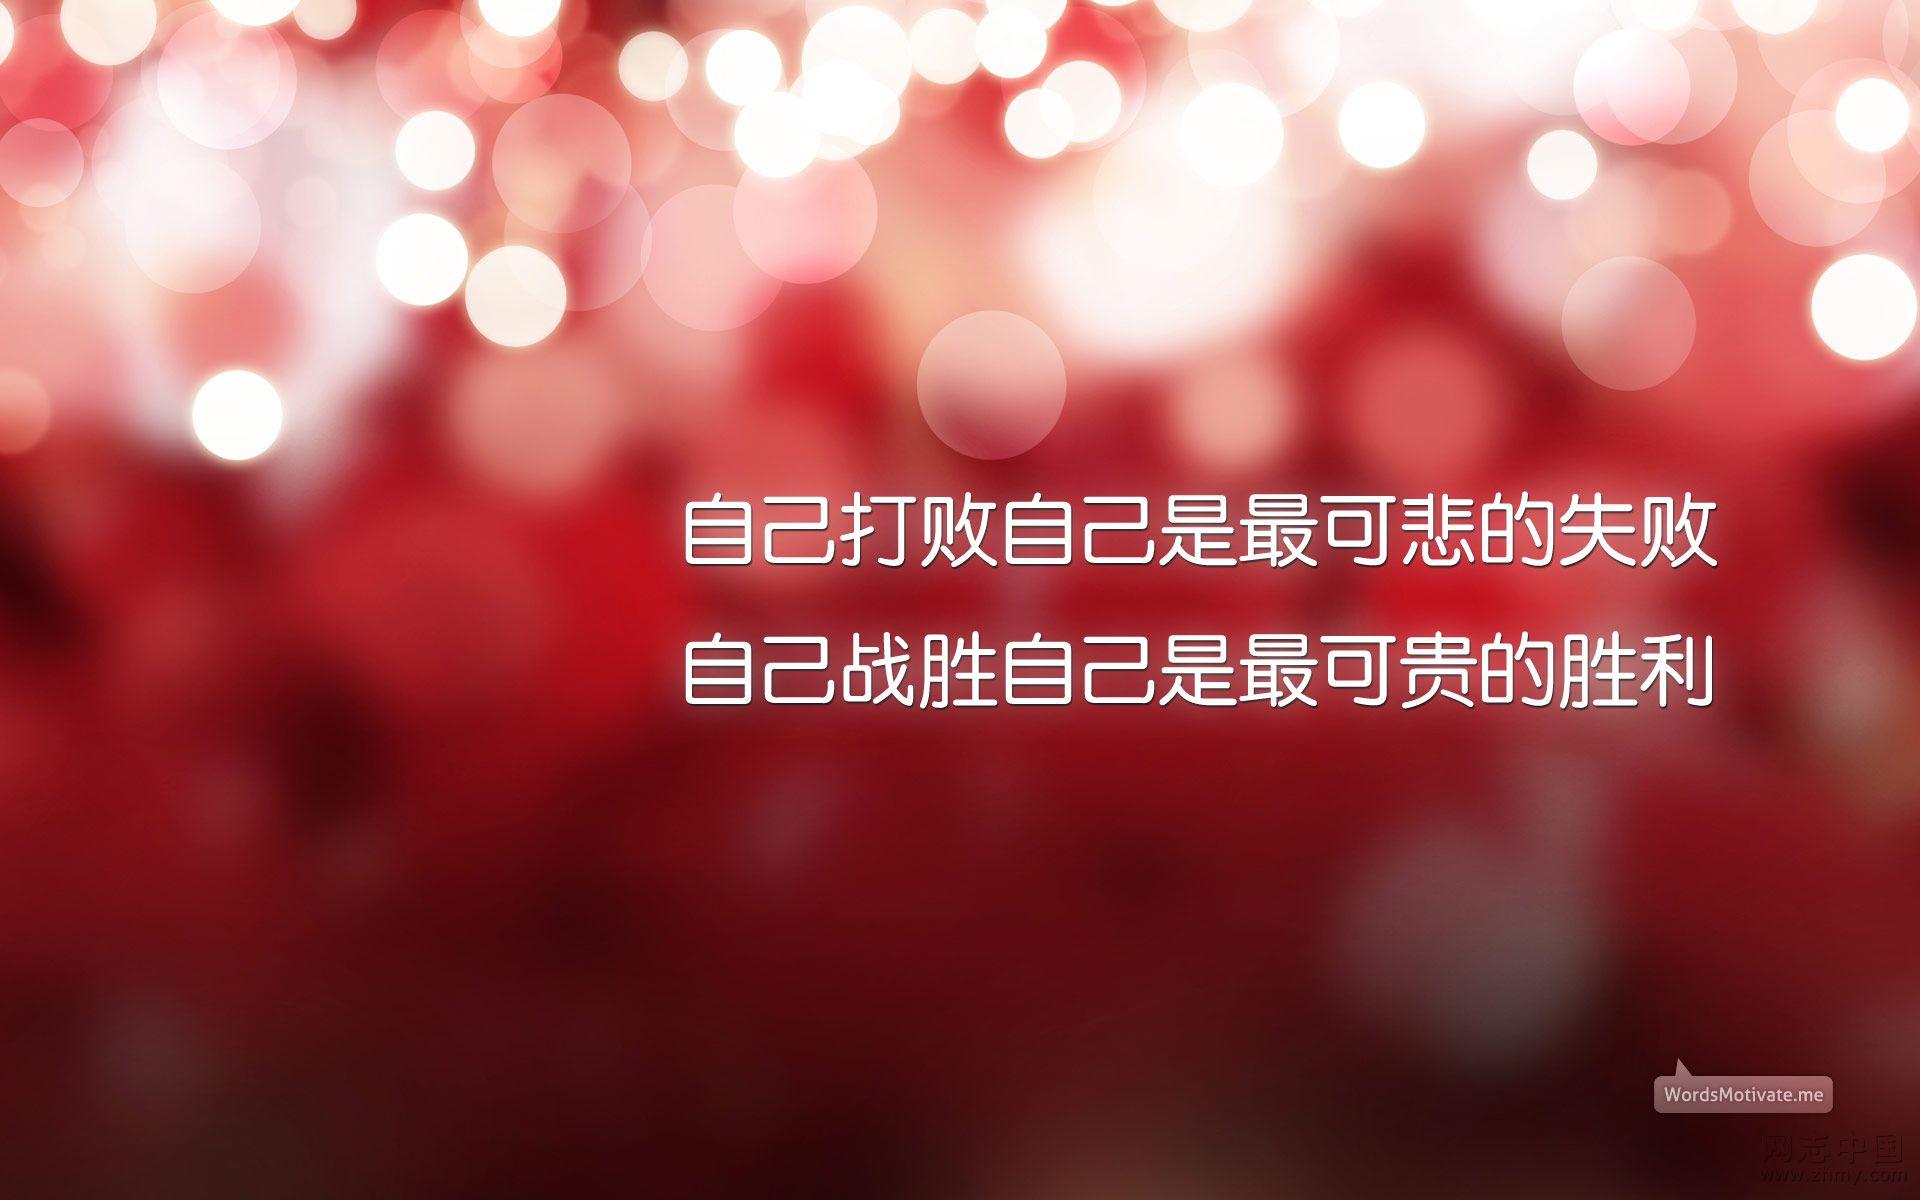 励志壁纸精选 (2).jpg